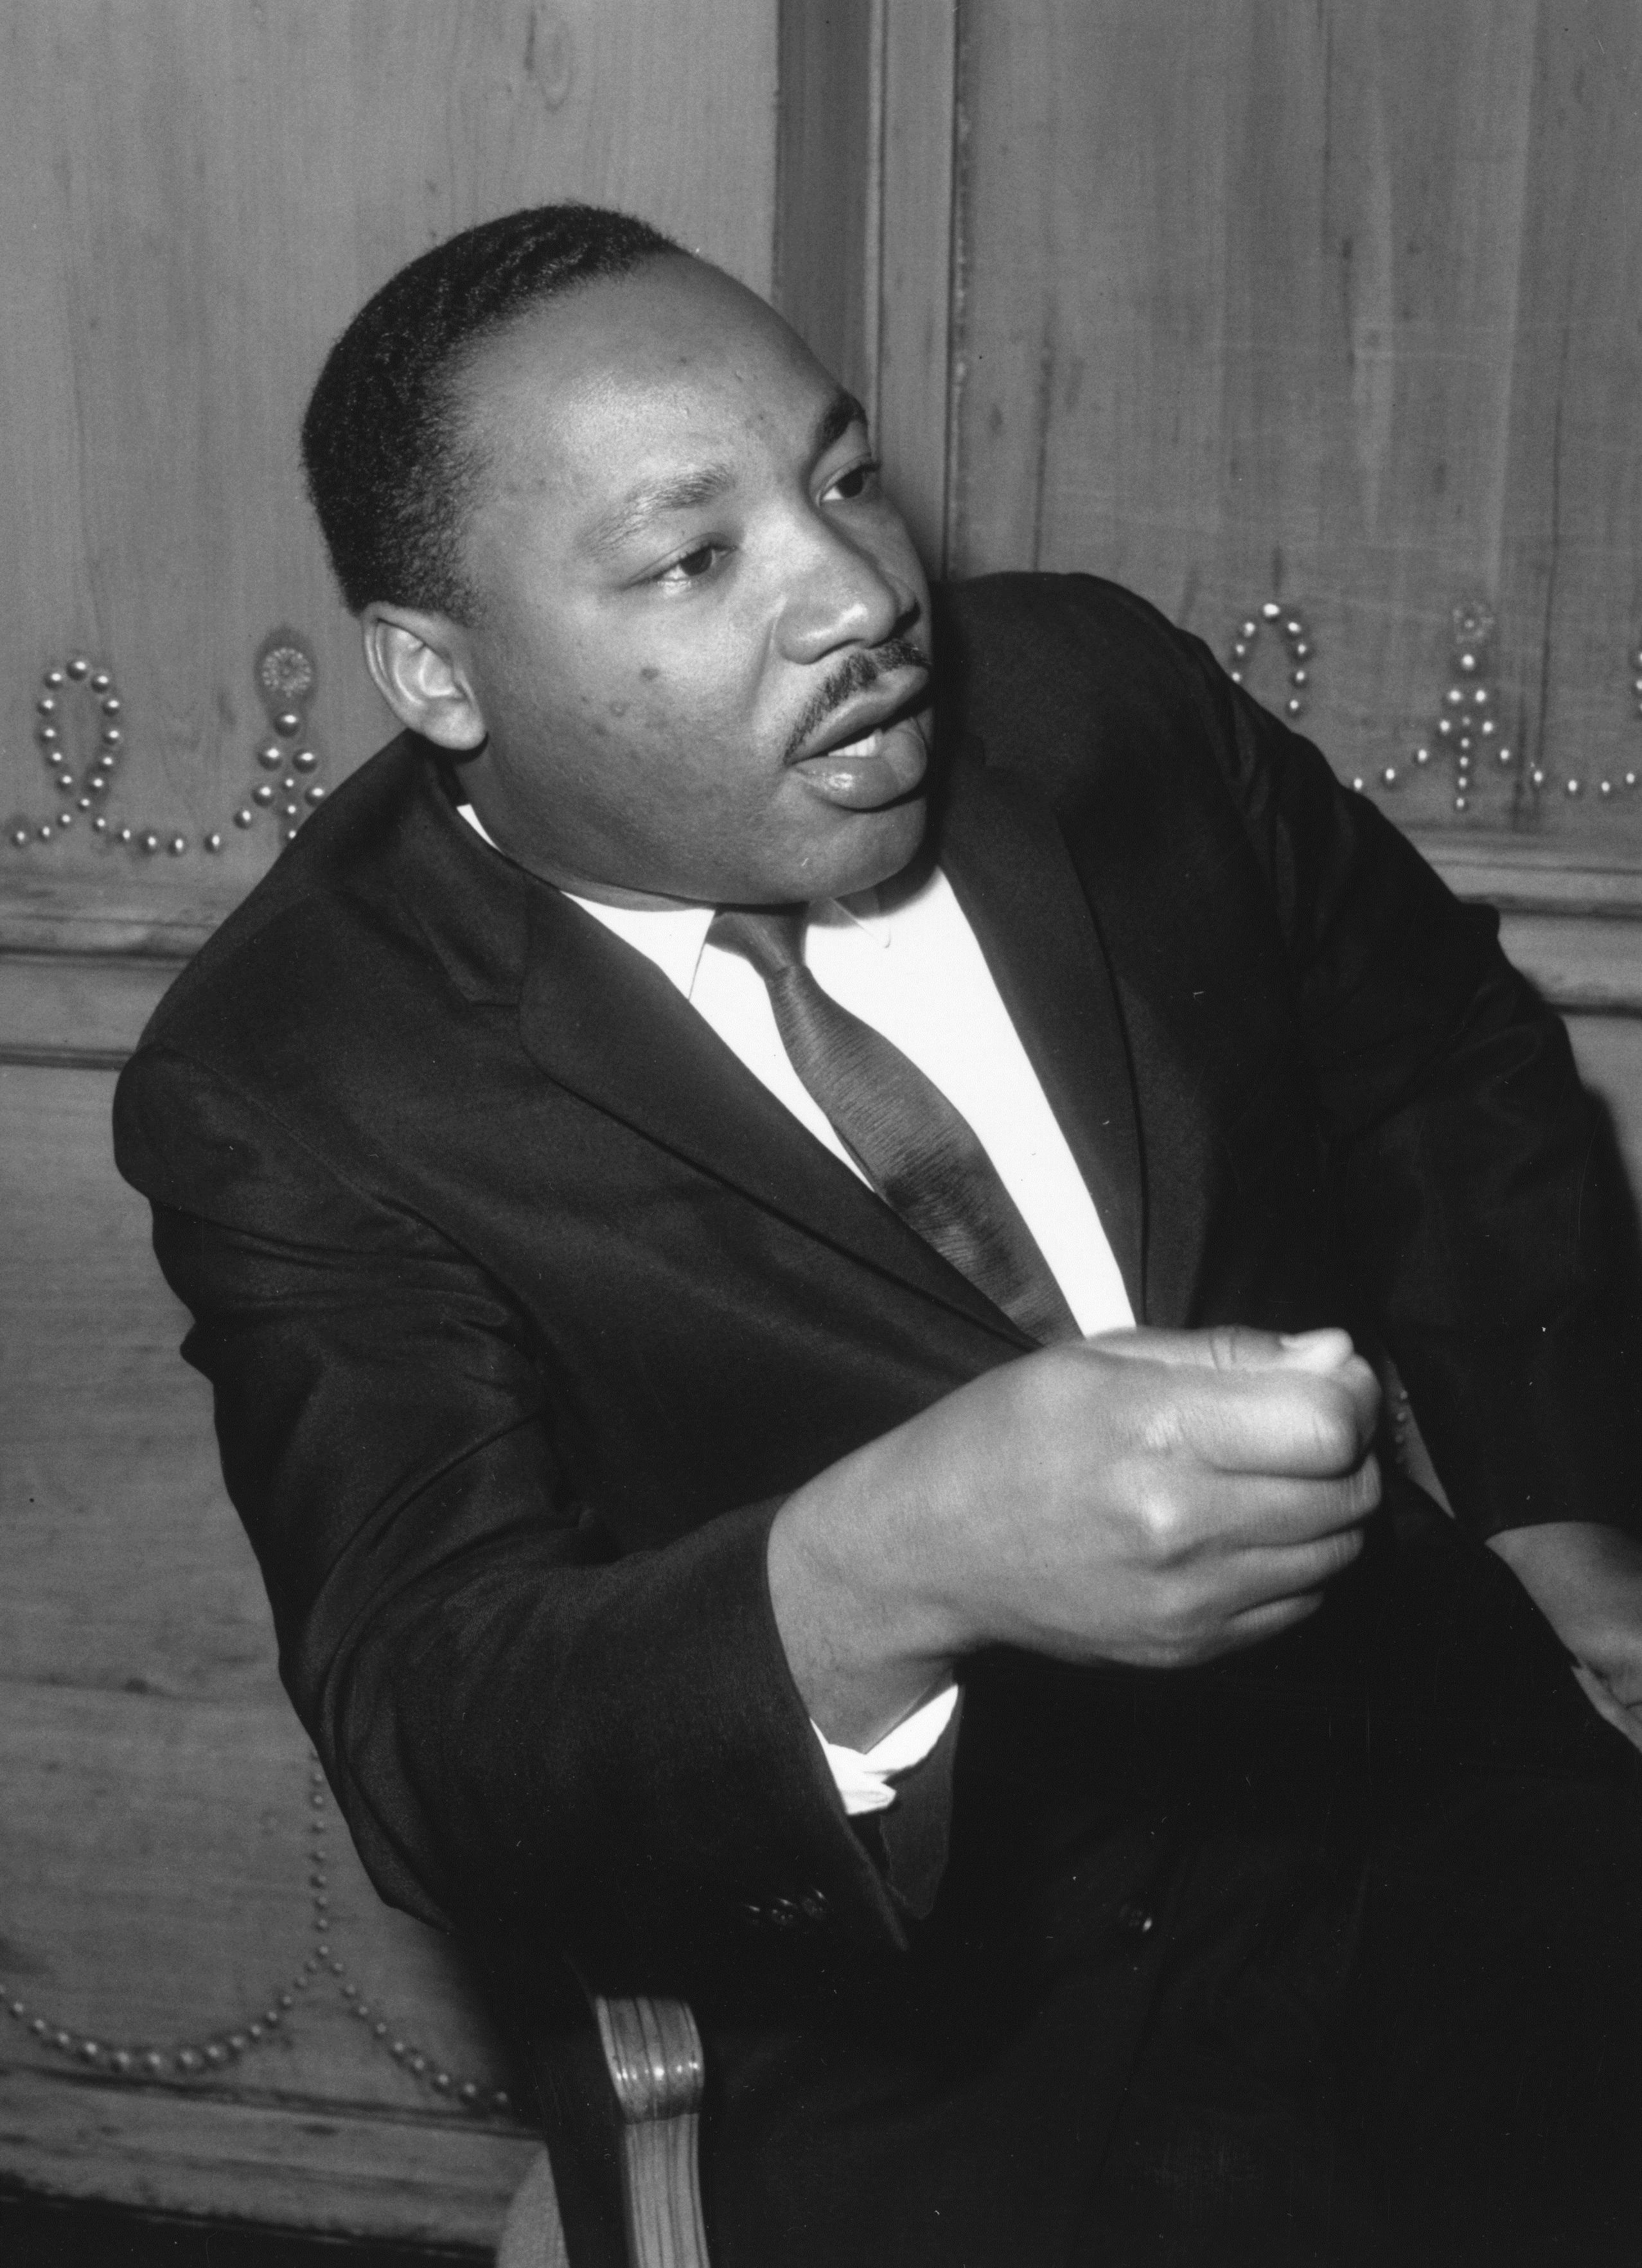 <p><strong>Мартин Лутър Кинг за домашното насилие</strong></p>  <p>&bdquo;Предлагам ви да анализирате цялата ситуация и да видите дали в личността ви няма нещо, което да предизвиква този тираничен отговор от вашия съпруг&rdquo;.</p>